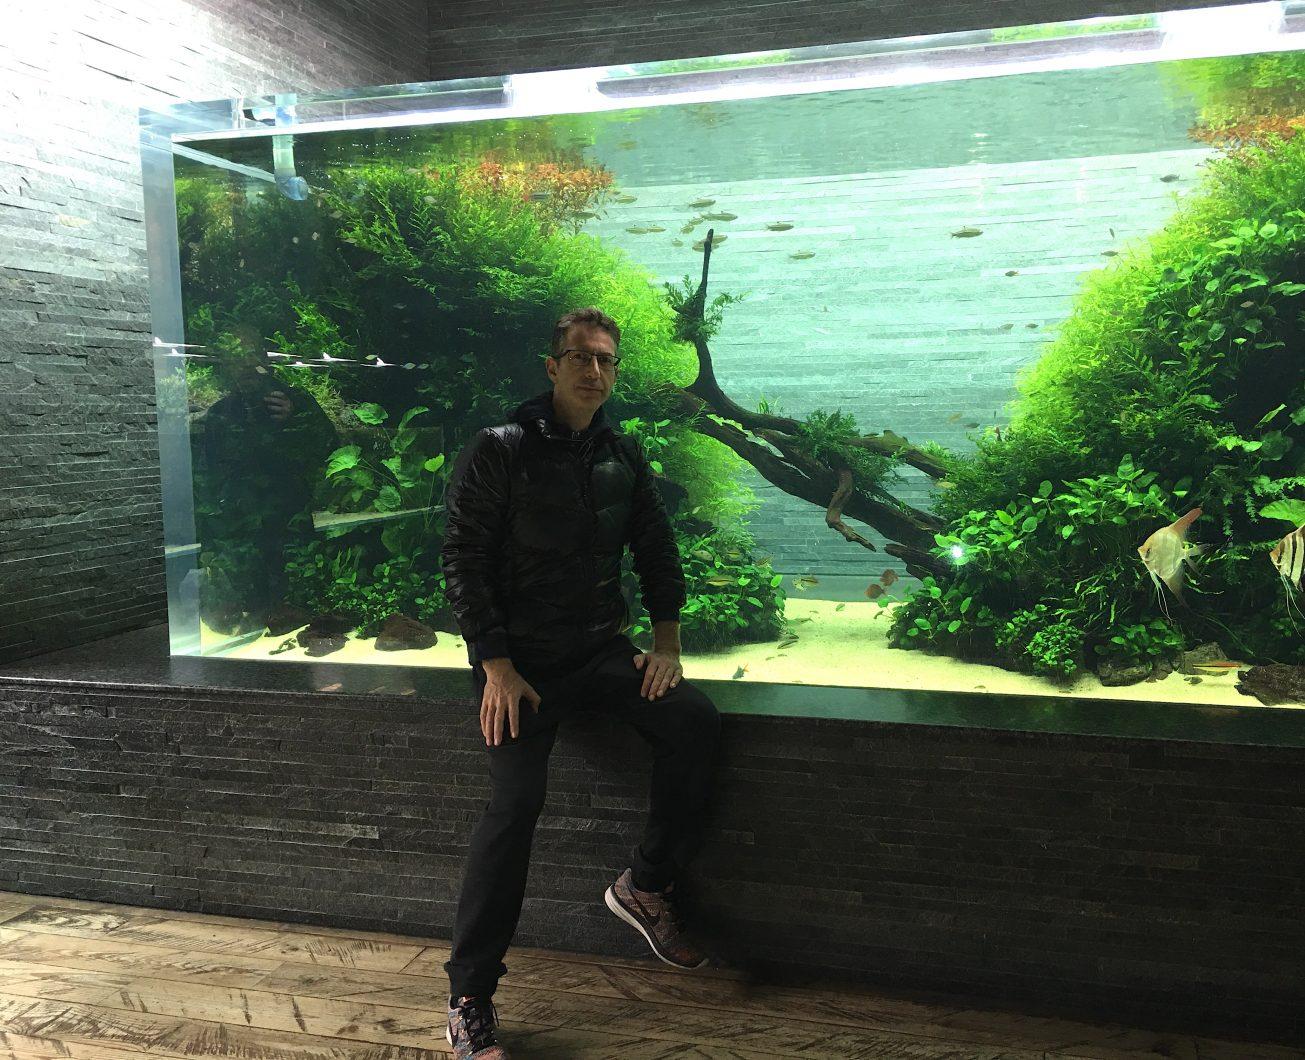 الرئيس التنفيذي لشركة Orphek في سوميدا حوض السمك